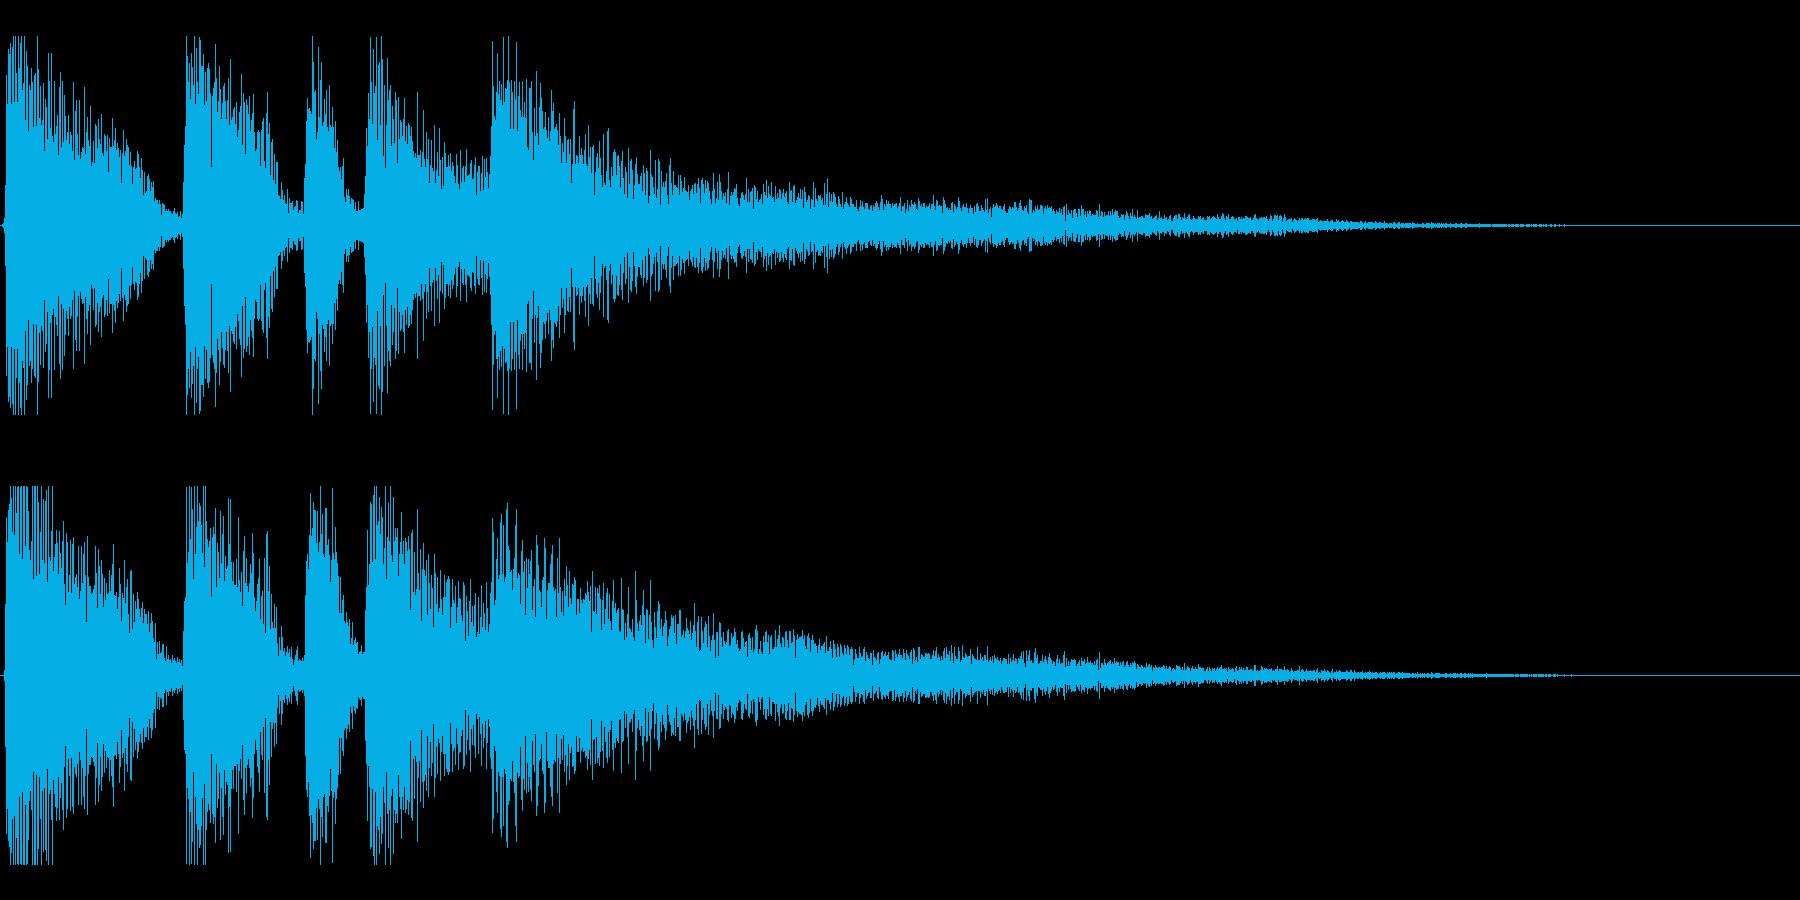 【日曜のラジオ3】の再生済みの波形